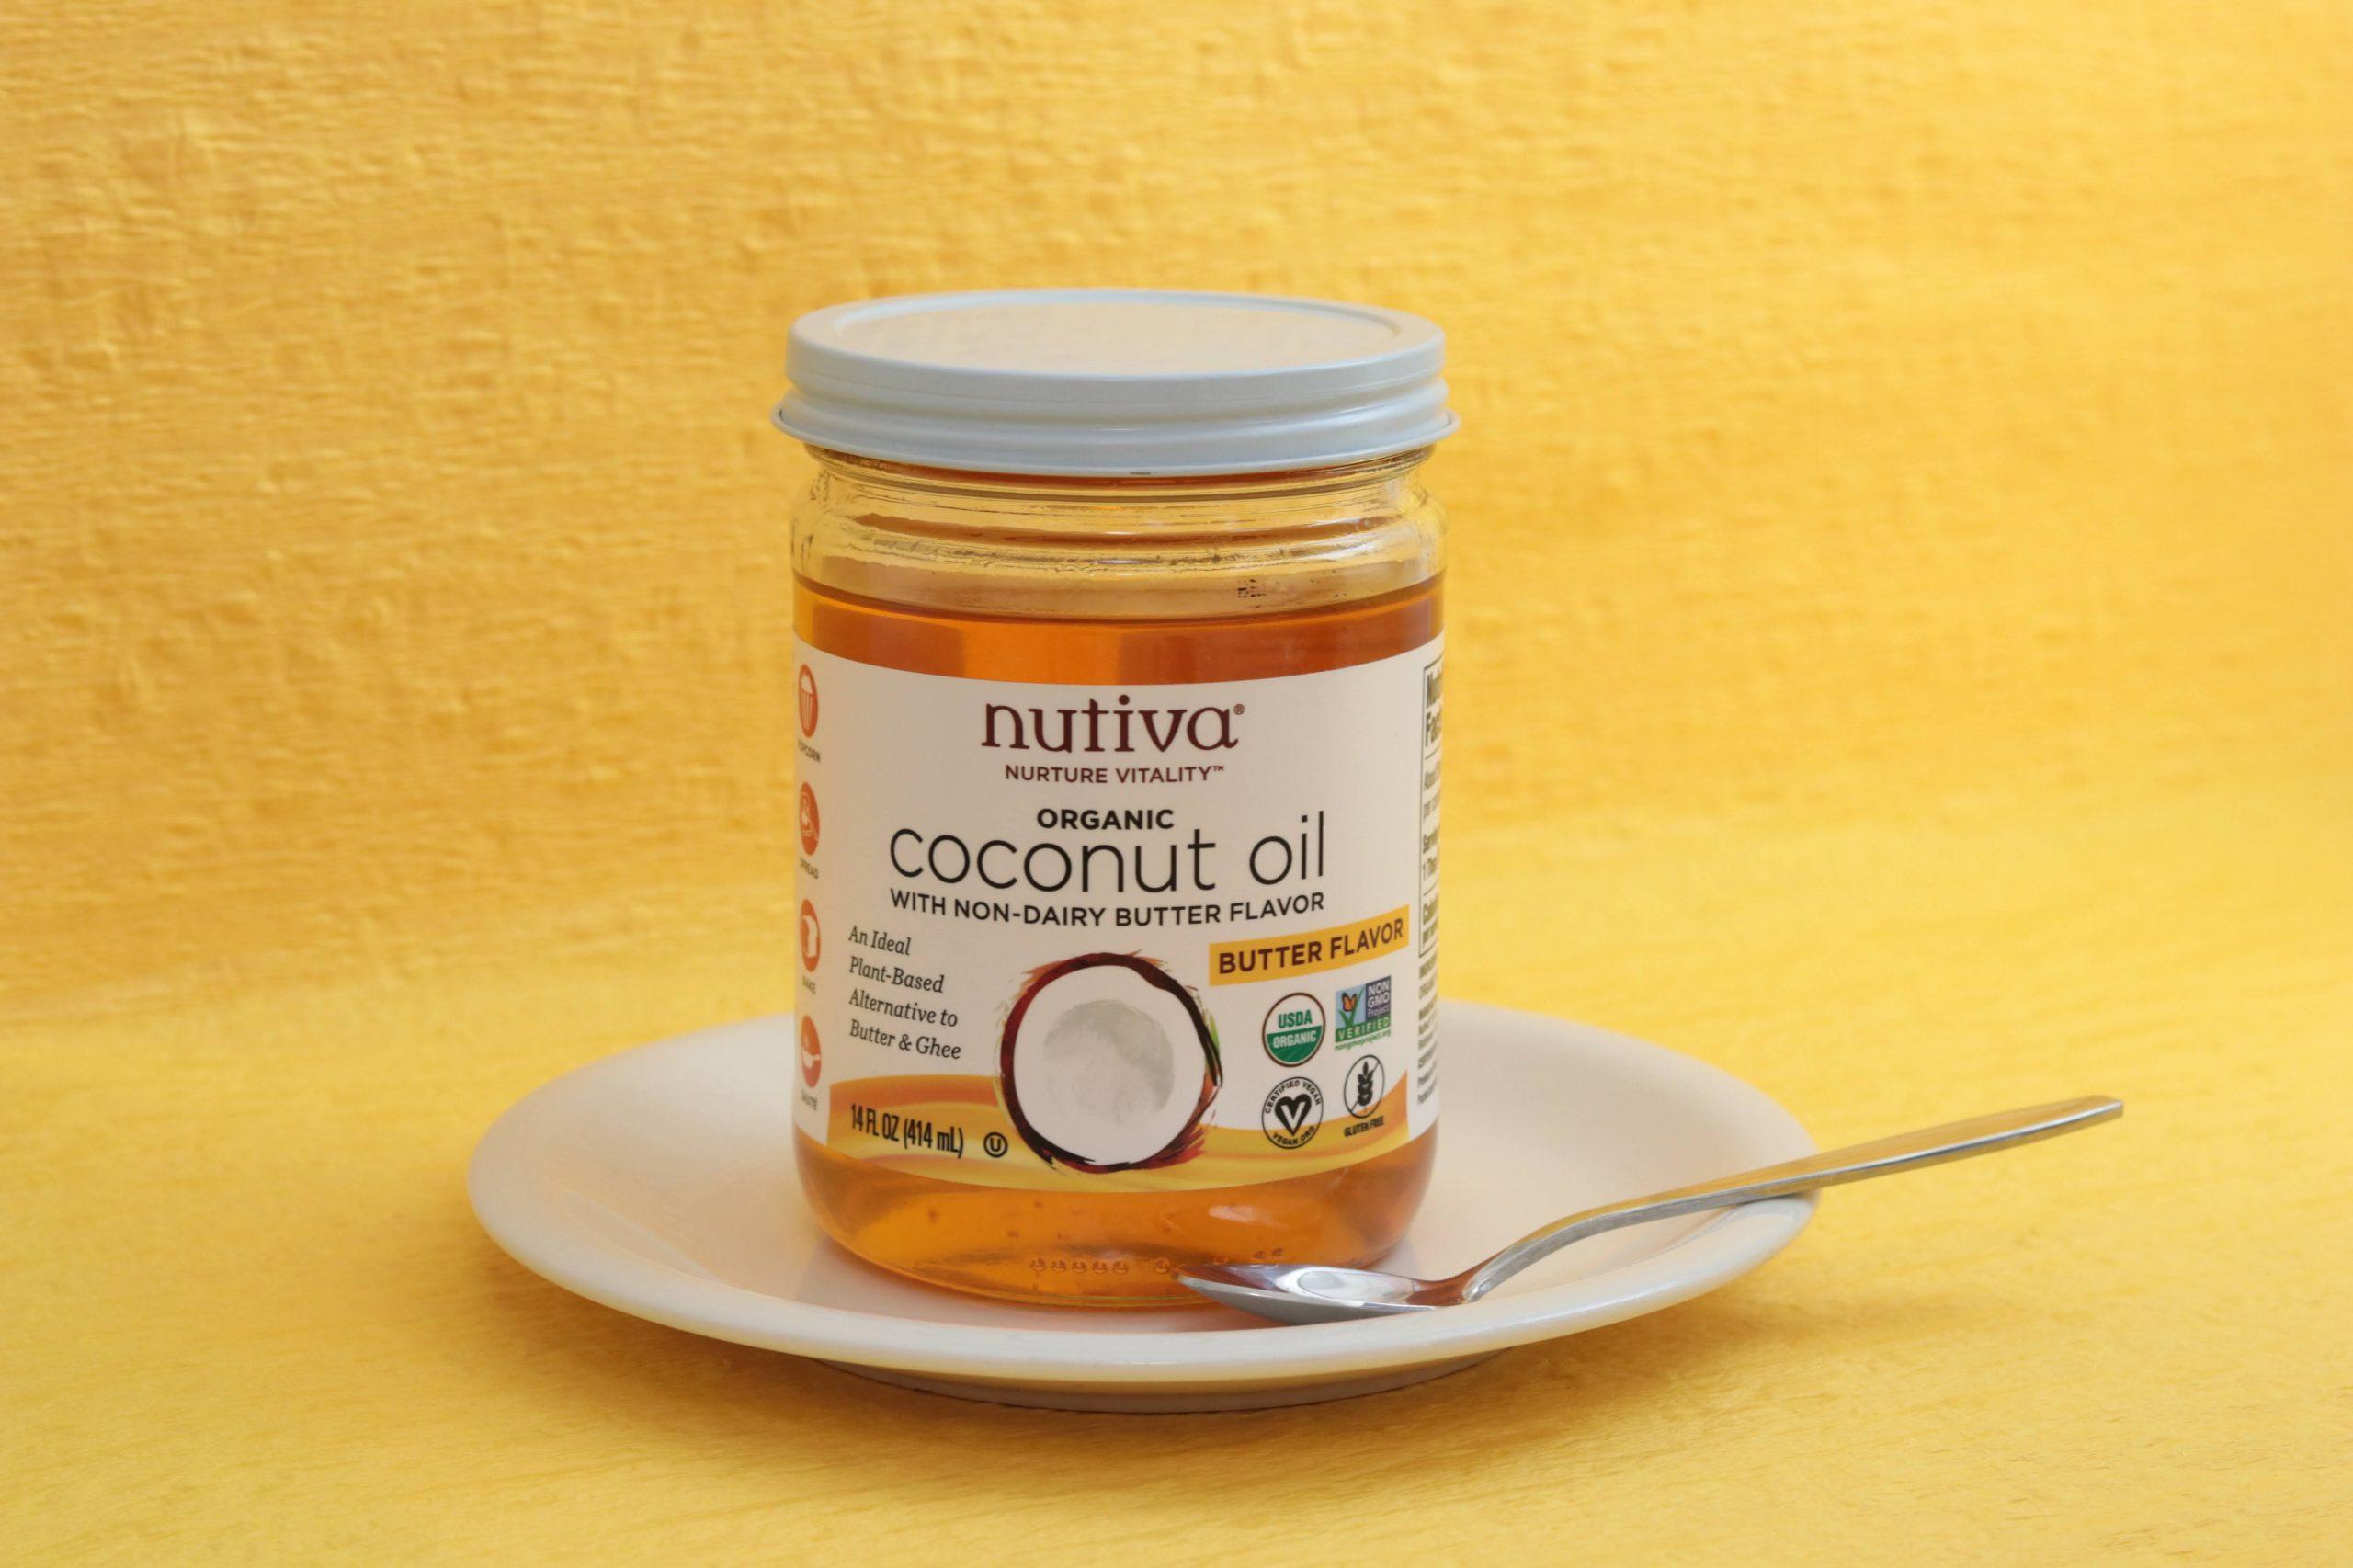 Nutiva, オーガニックココナッツオイル、バターフレーバー